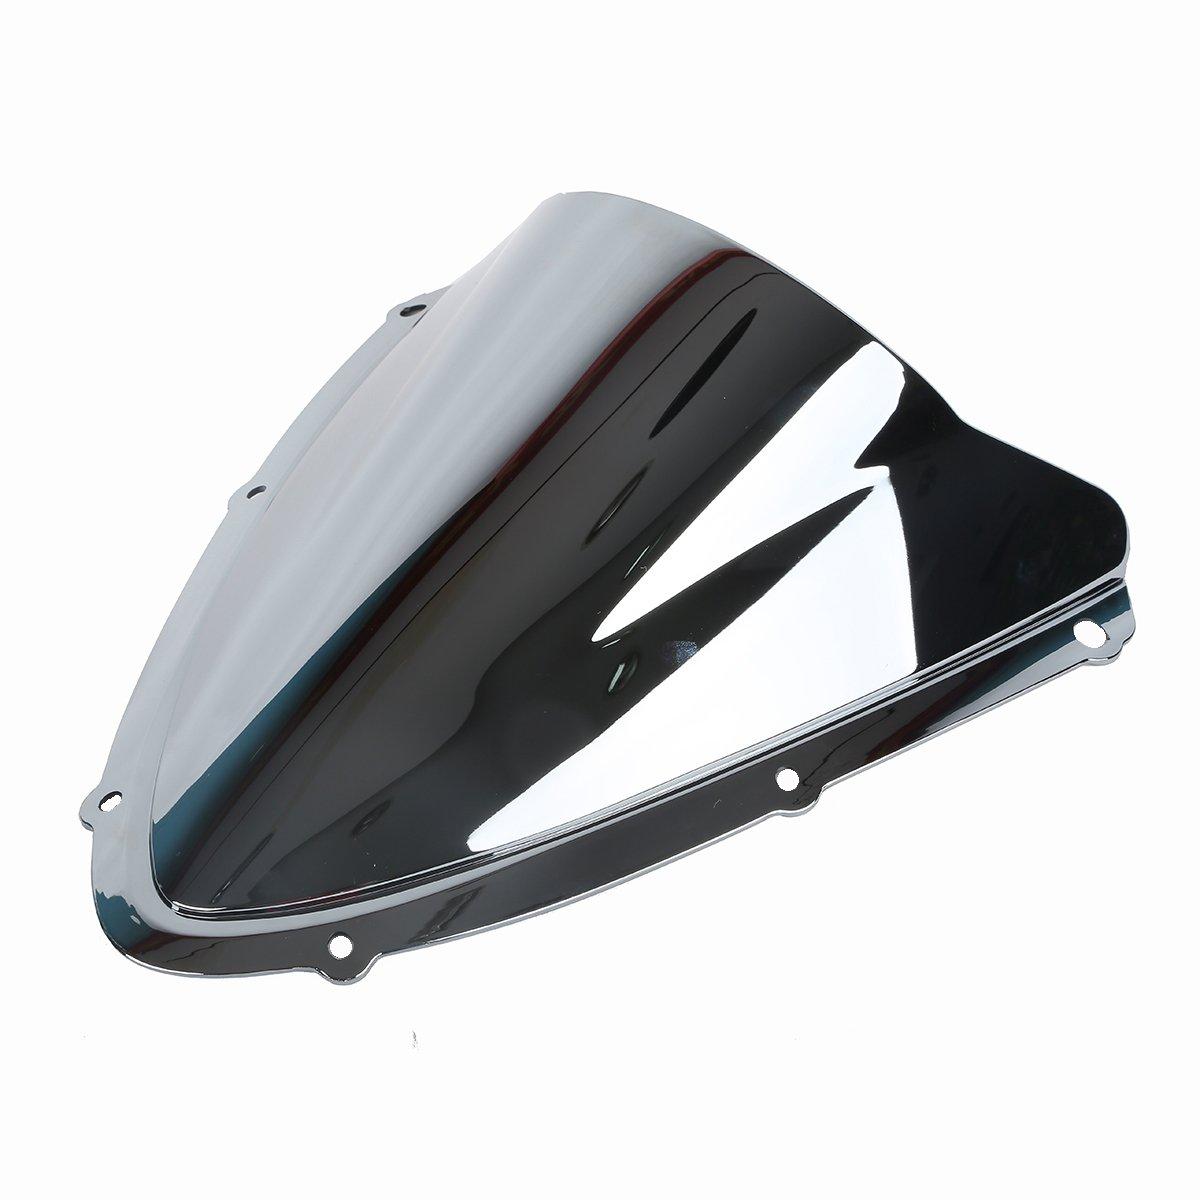 Tengchang motocicletta Doppia protezione dello schermo del parabrezza bolla parabrezza per Suzuki GSXR600 GSXR750 K8 2008 2009 2010 Nero